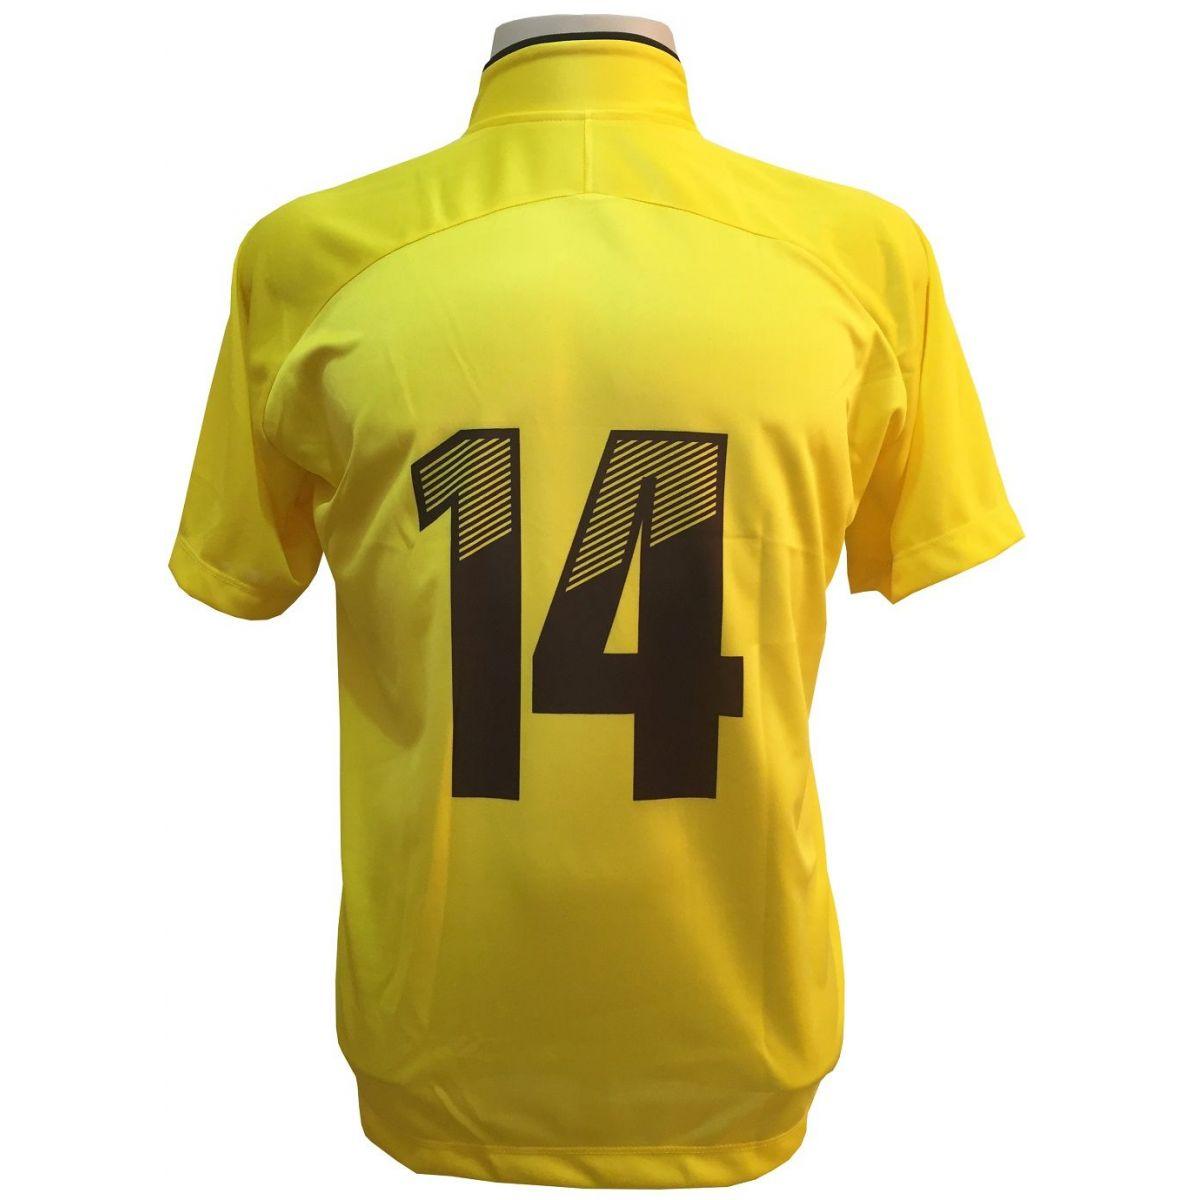 Fardamento Completo Modelo City 12+1 (12 Camisas Amarelo/Preto + 12 Calções Madrid Amarelo + 12 Pares de Meiões Pretos + 1 Conjunto de Goleiro) + Brindes